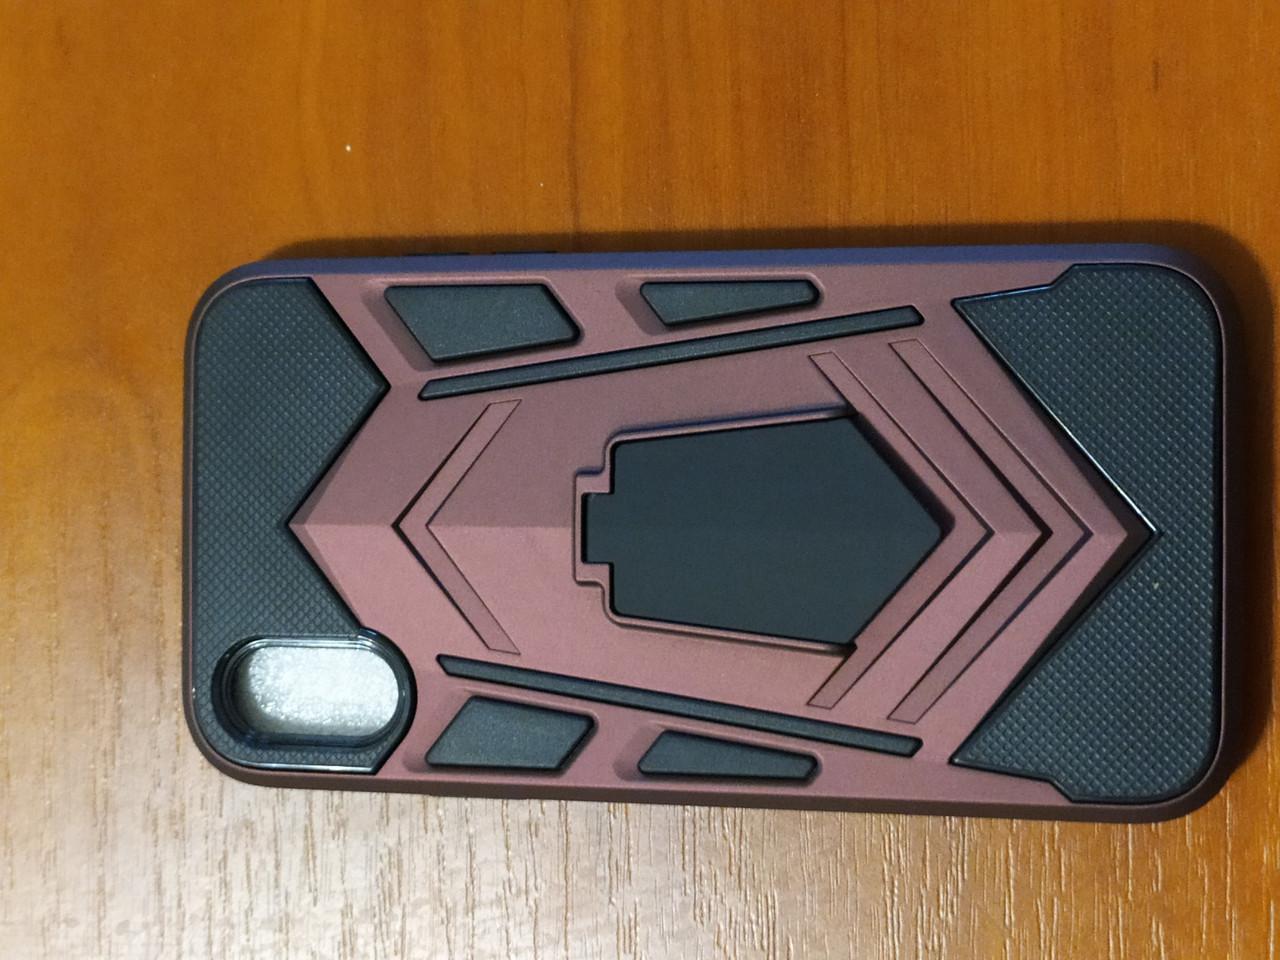 Накладка  Armor Case  iPhone X / XS 5.8  с подставкой  (бордовый)